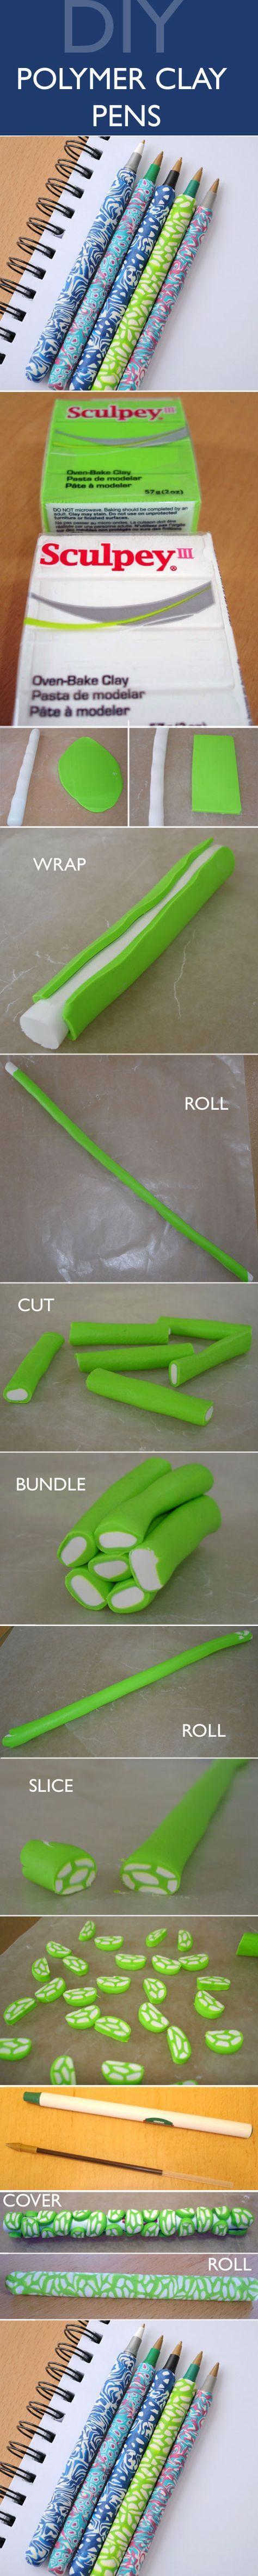 Easy tutorial to make polymer clay covered pens // Tutorial para hacer lápices decorados con arcilla plástica